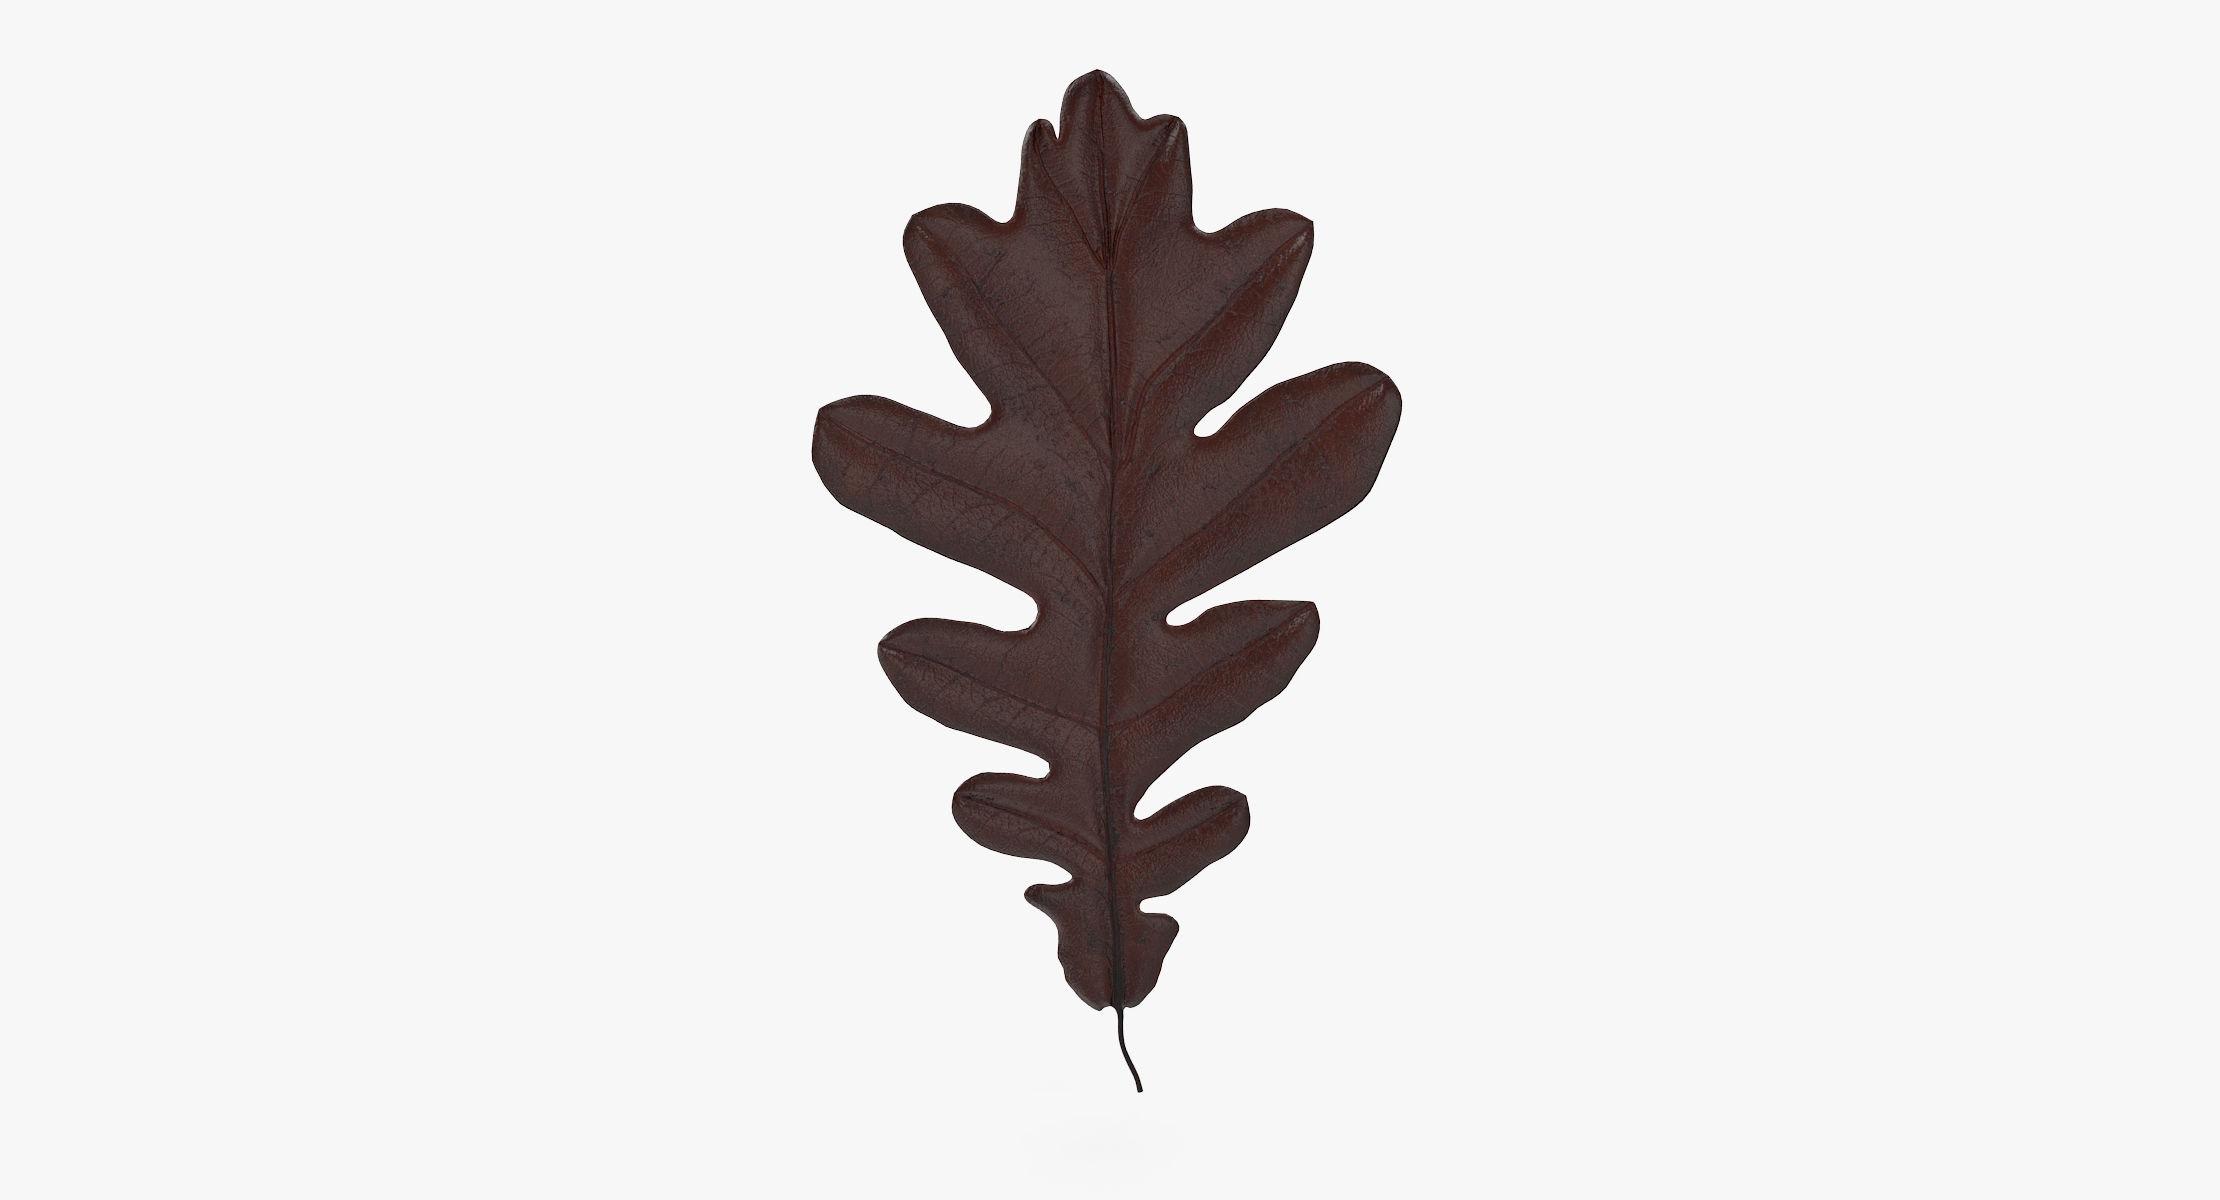 Oak Leaf 05 Brown - reel 1